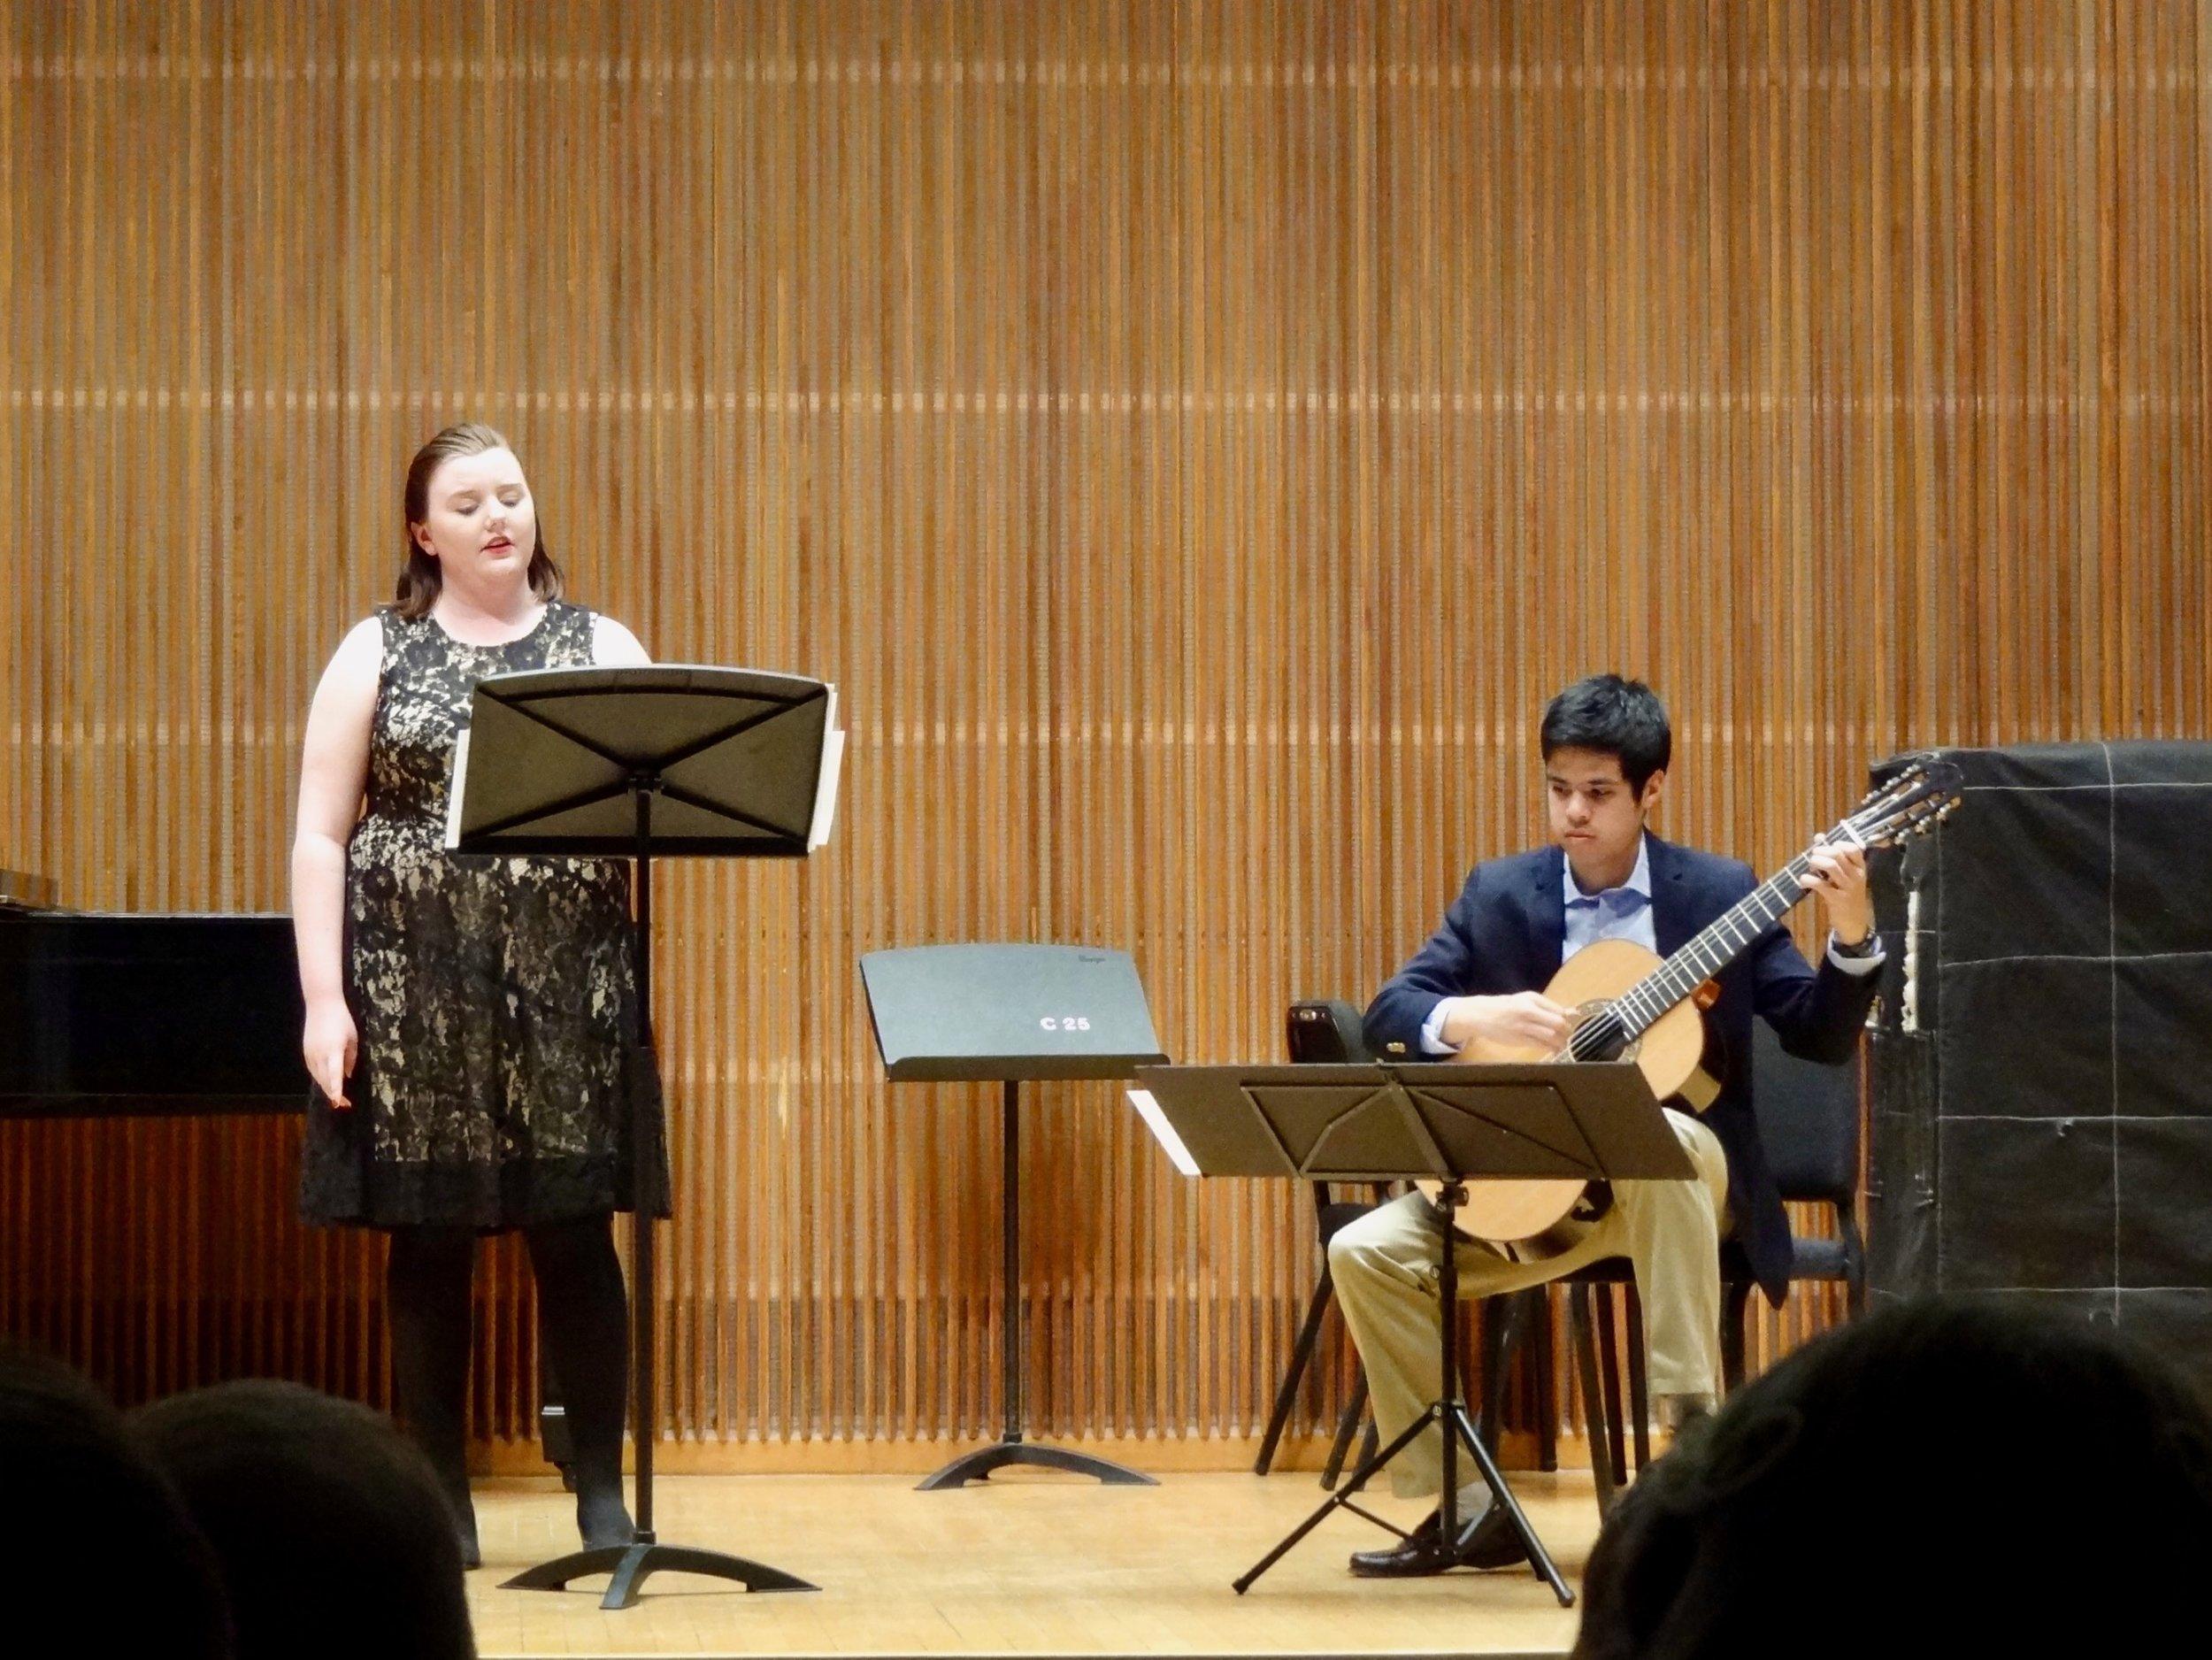 Leisl Quigley sings lieder with Arcangel Velasquez